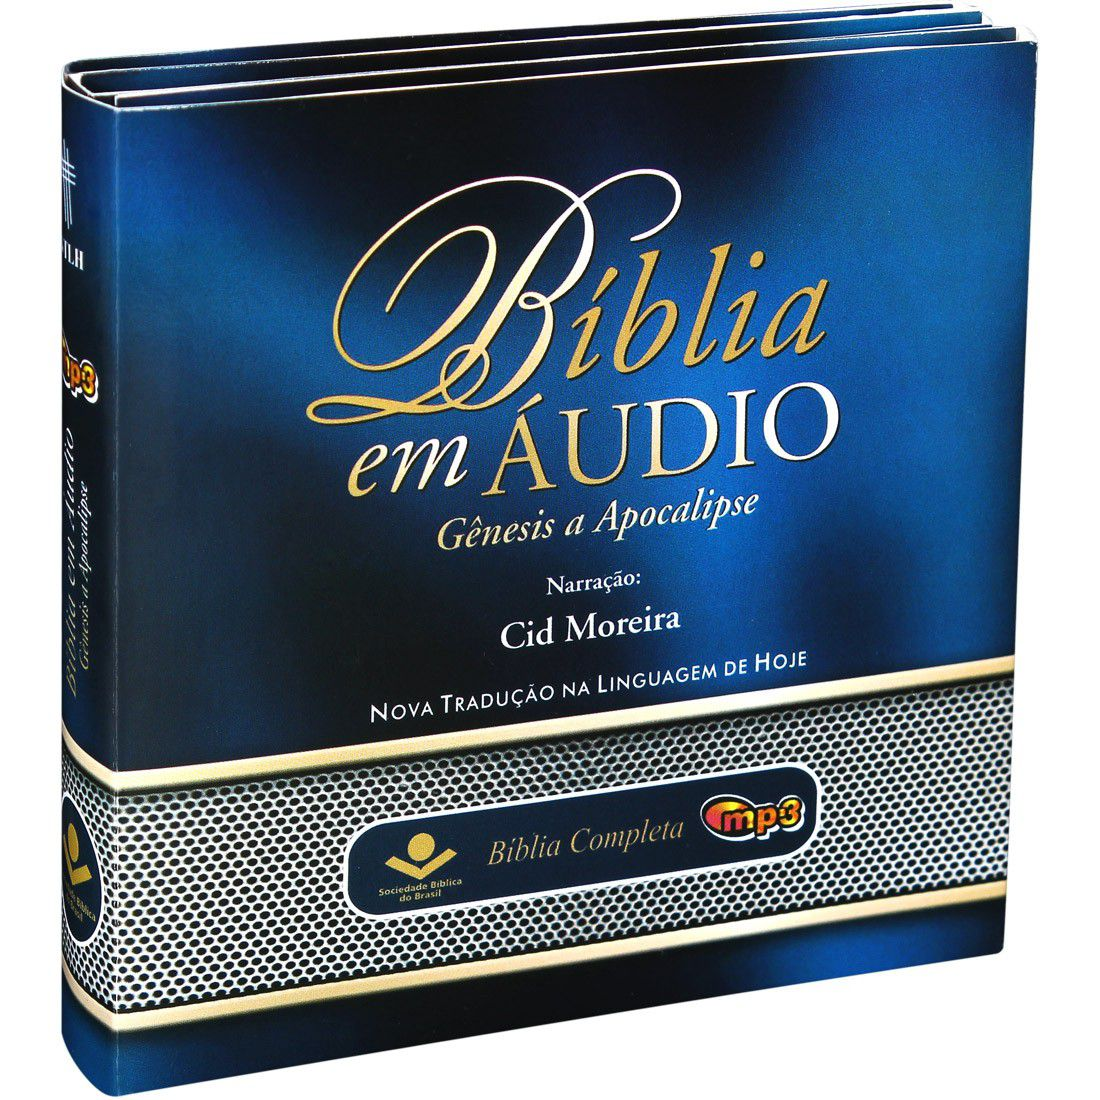 Bíblia completa em Áudio (Narração Cid Moreira - NTLH) - mp3